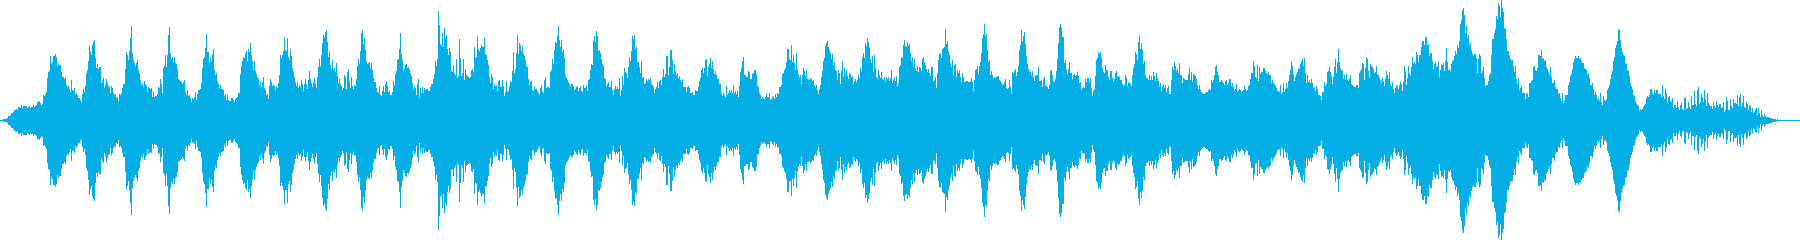 劇伴 迷宮を連想させるアンビエントの再生済みの波形